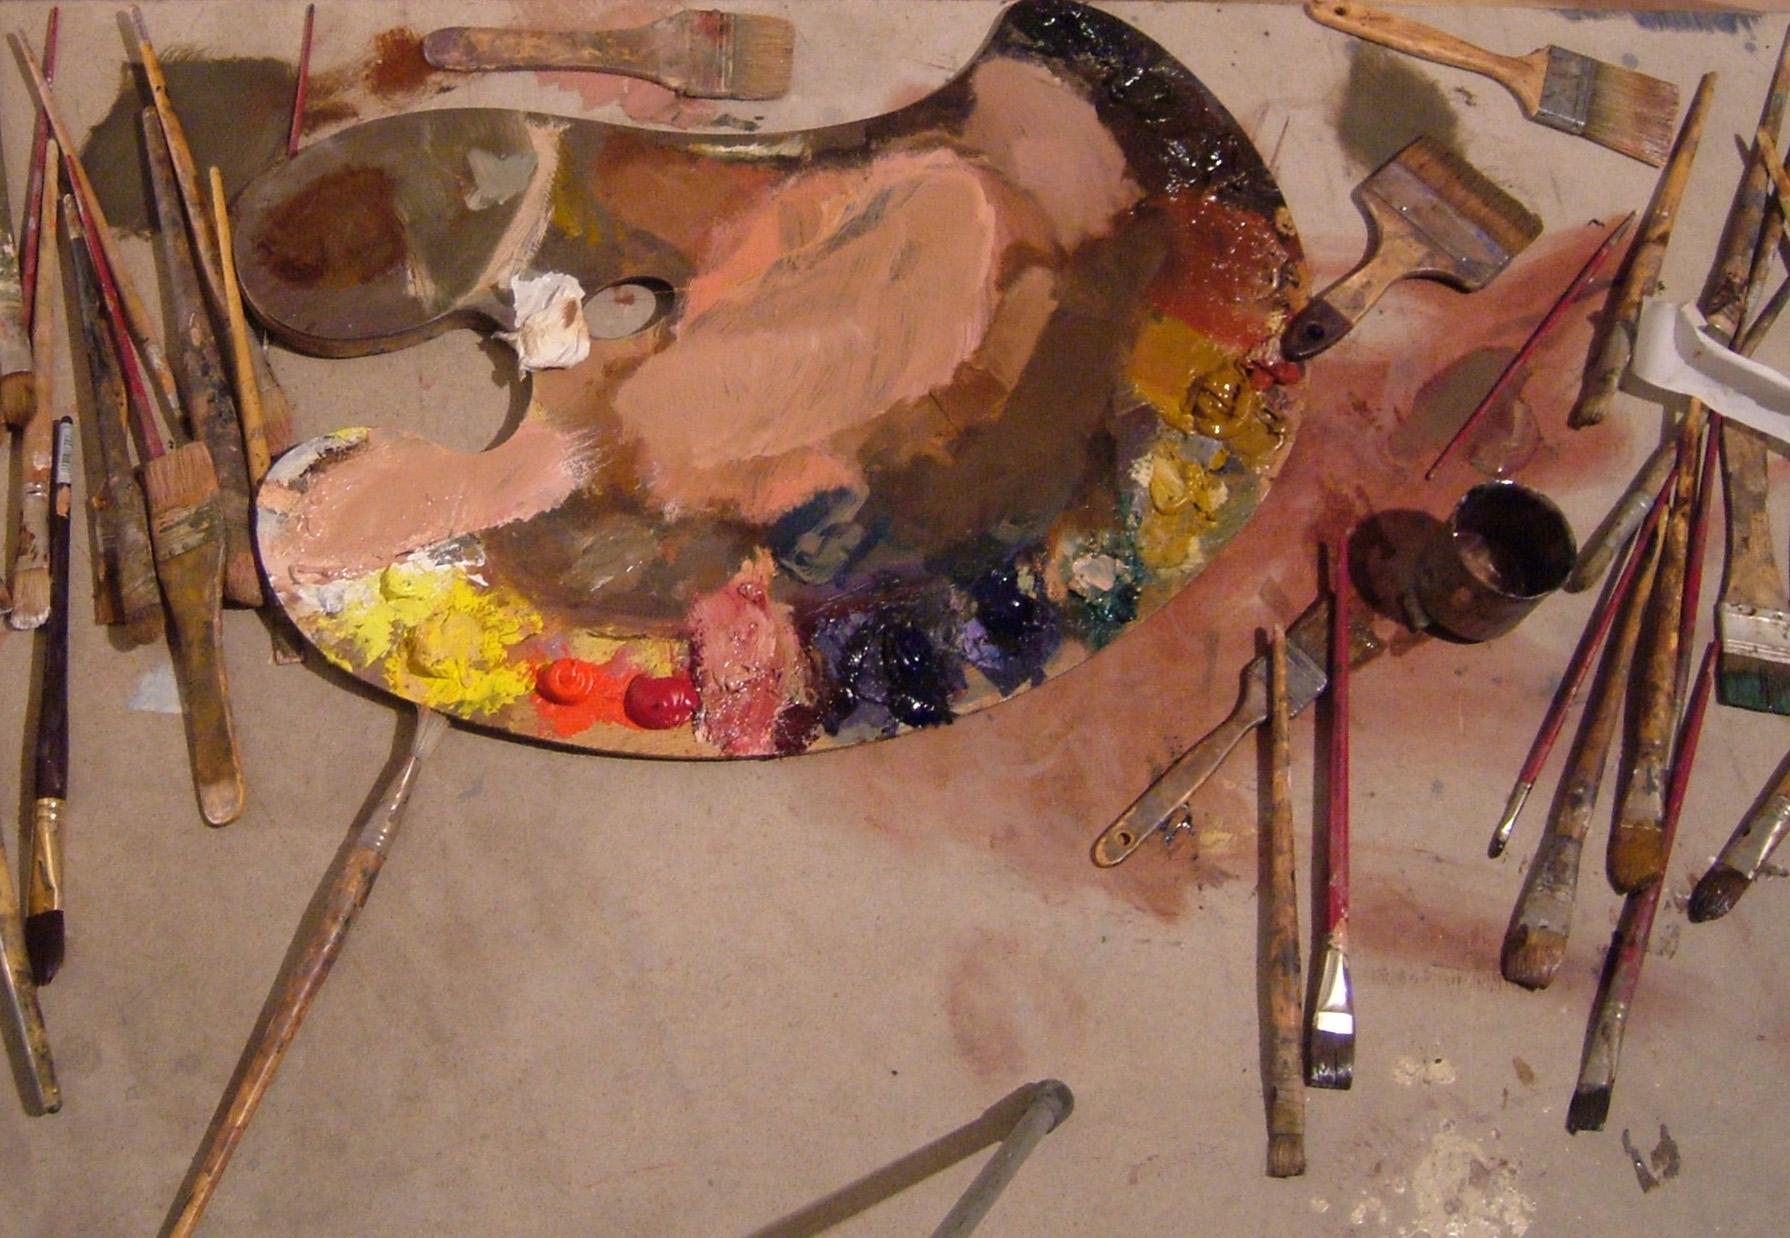 Colores para artistas viviendo el arte - Paleta de pinturas ...